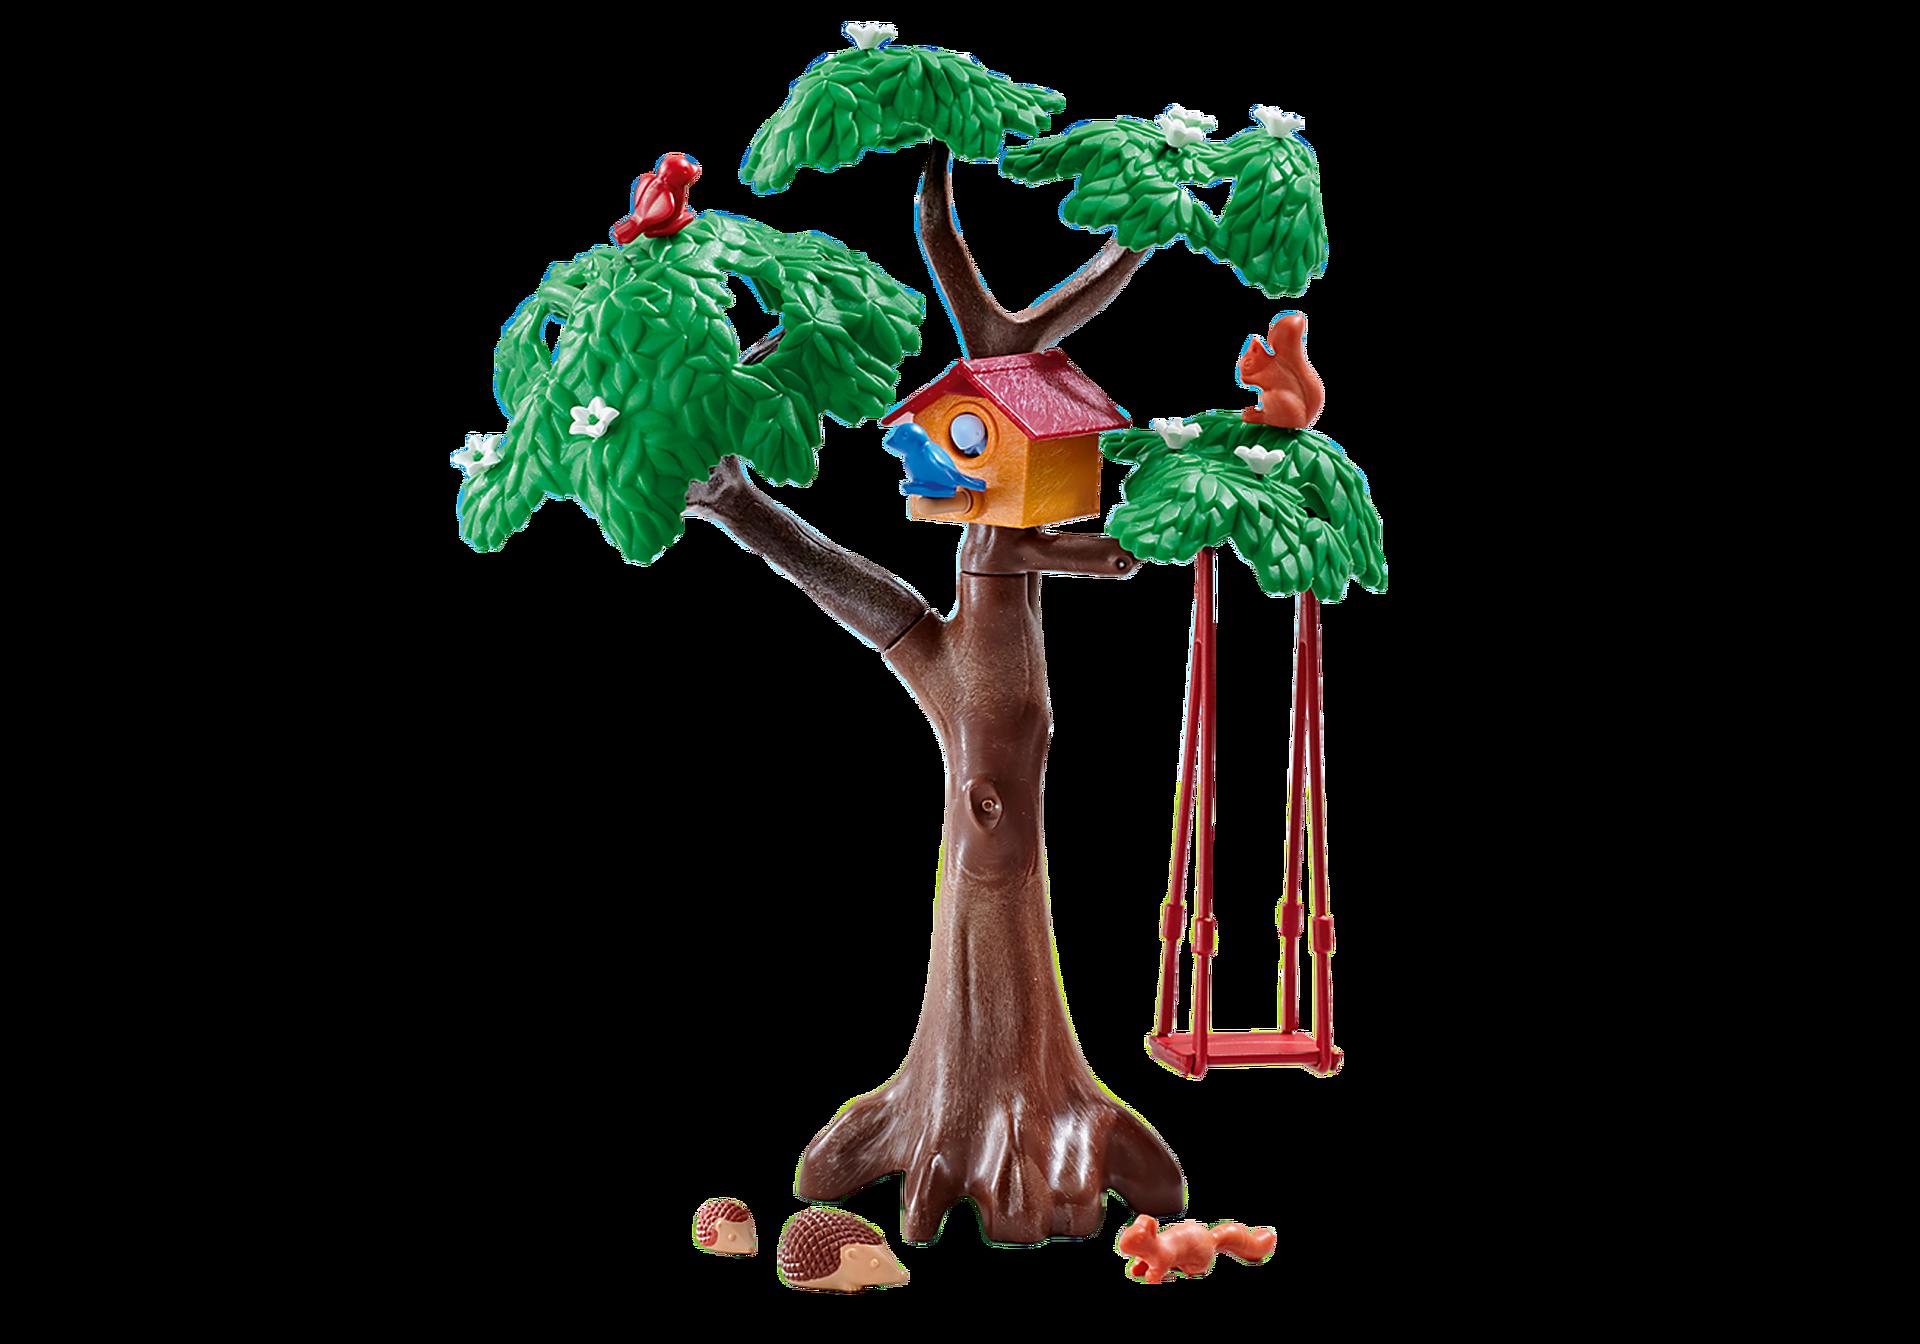 6575 Δέντρο με κούνια zoom image1